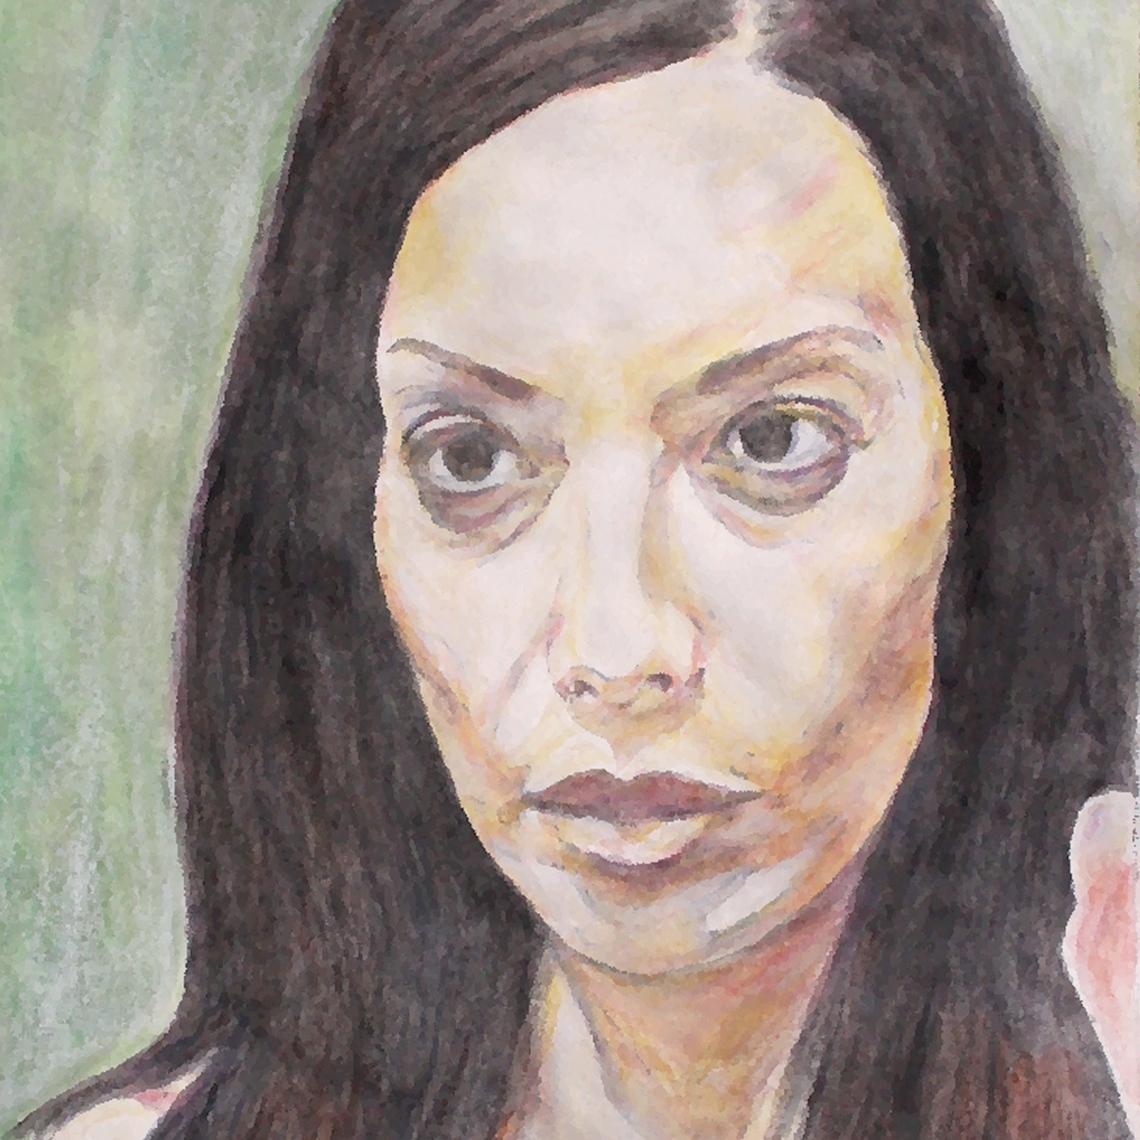 sarah so far face detail